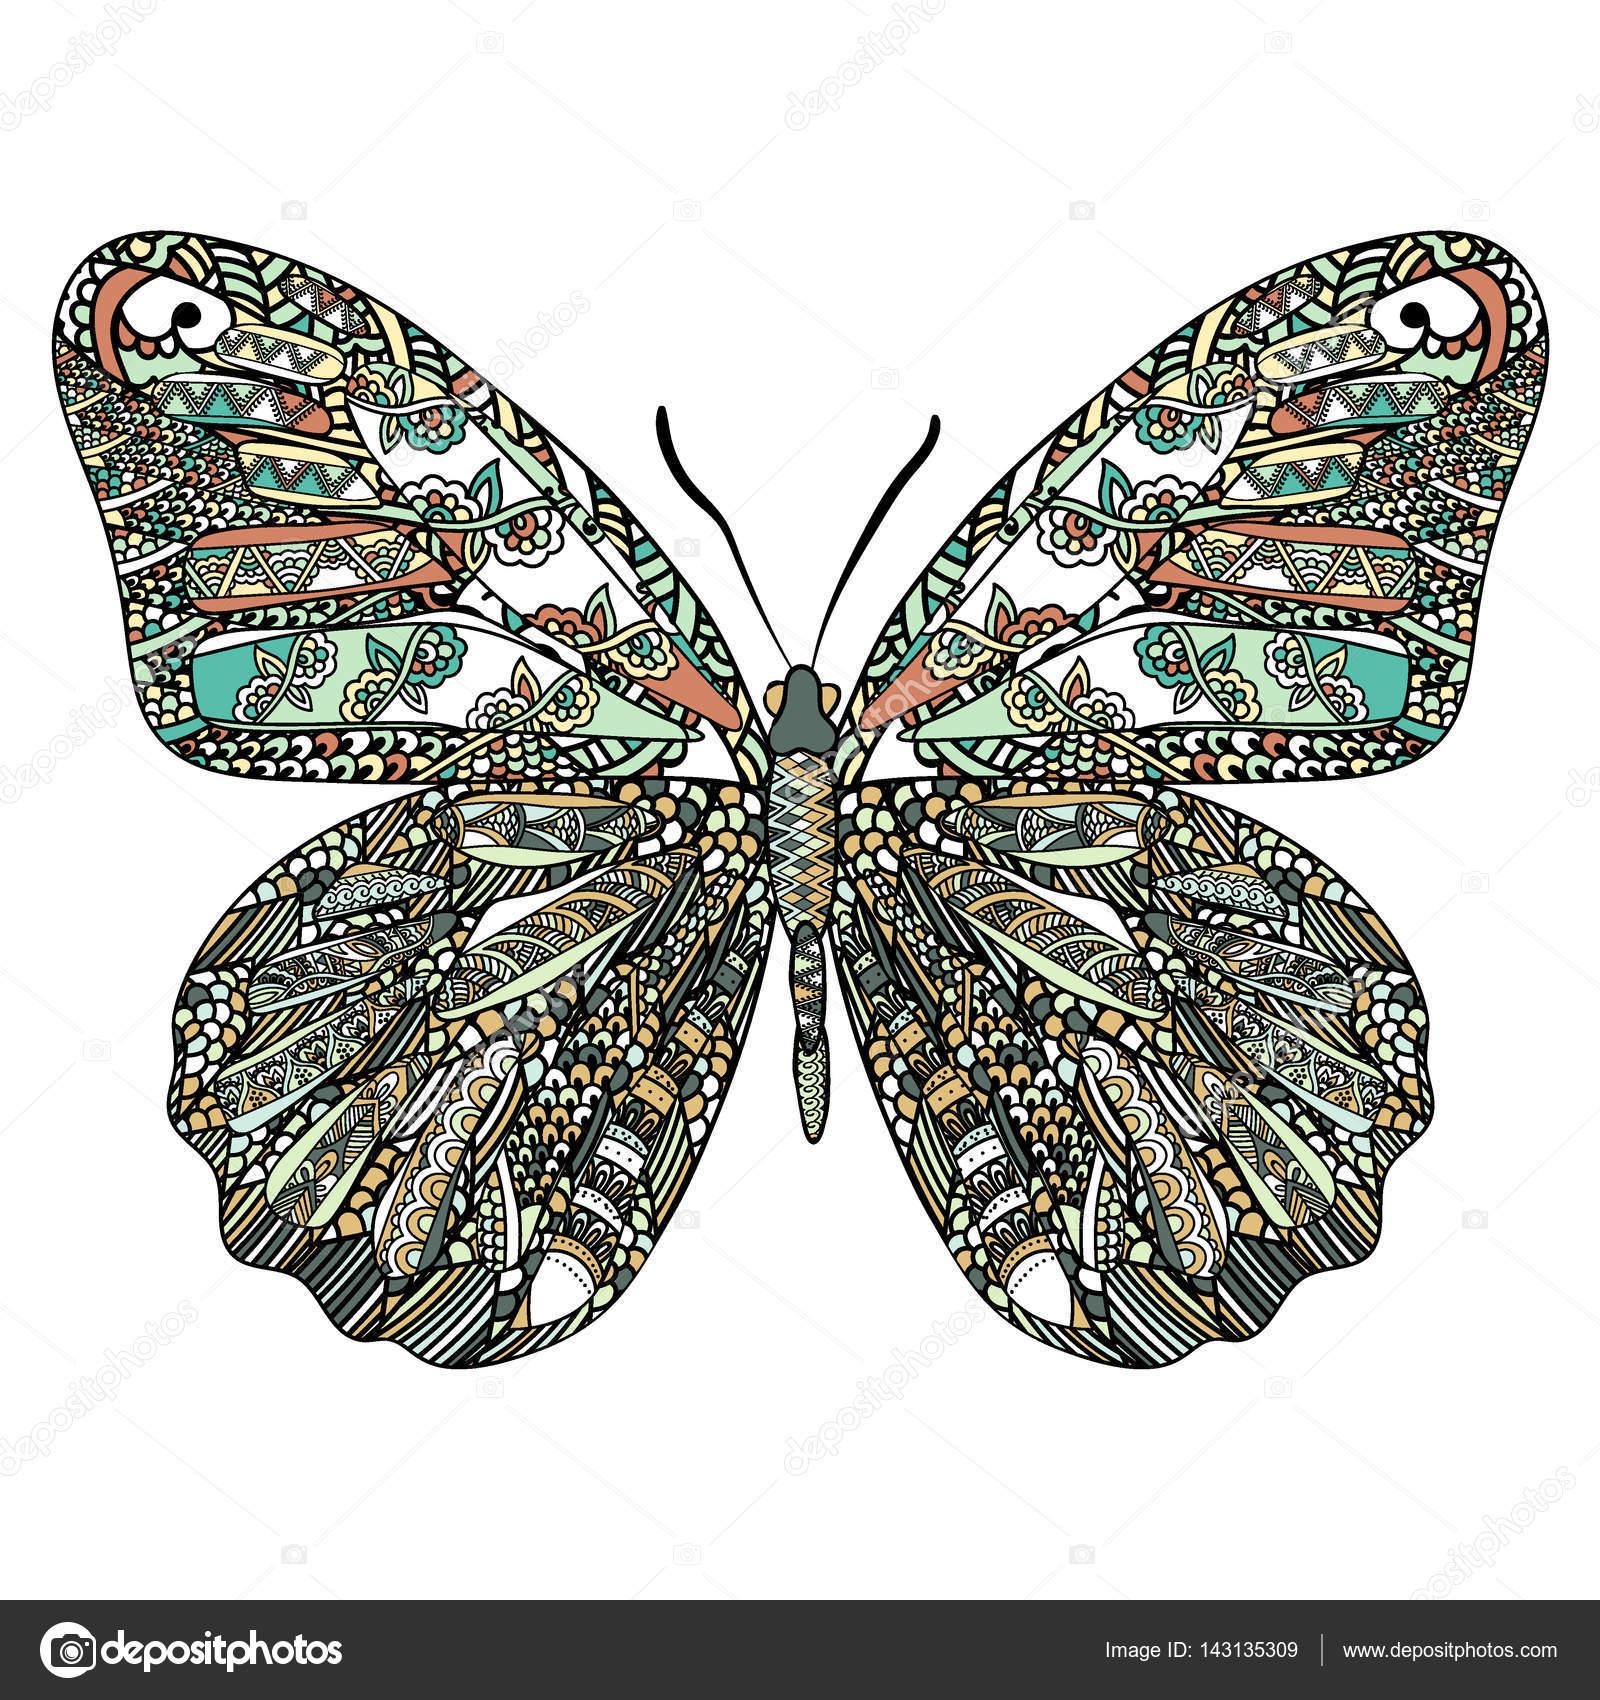 Etnik Doodle Desenli Renkli Kelebek Zentangle Anti Stres Yetişkin